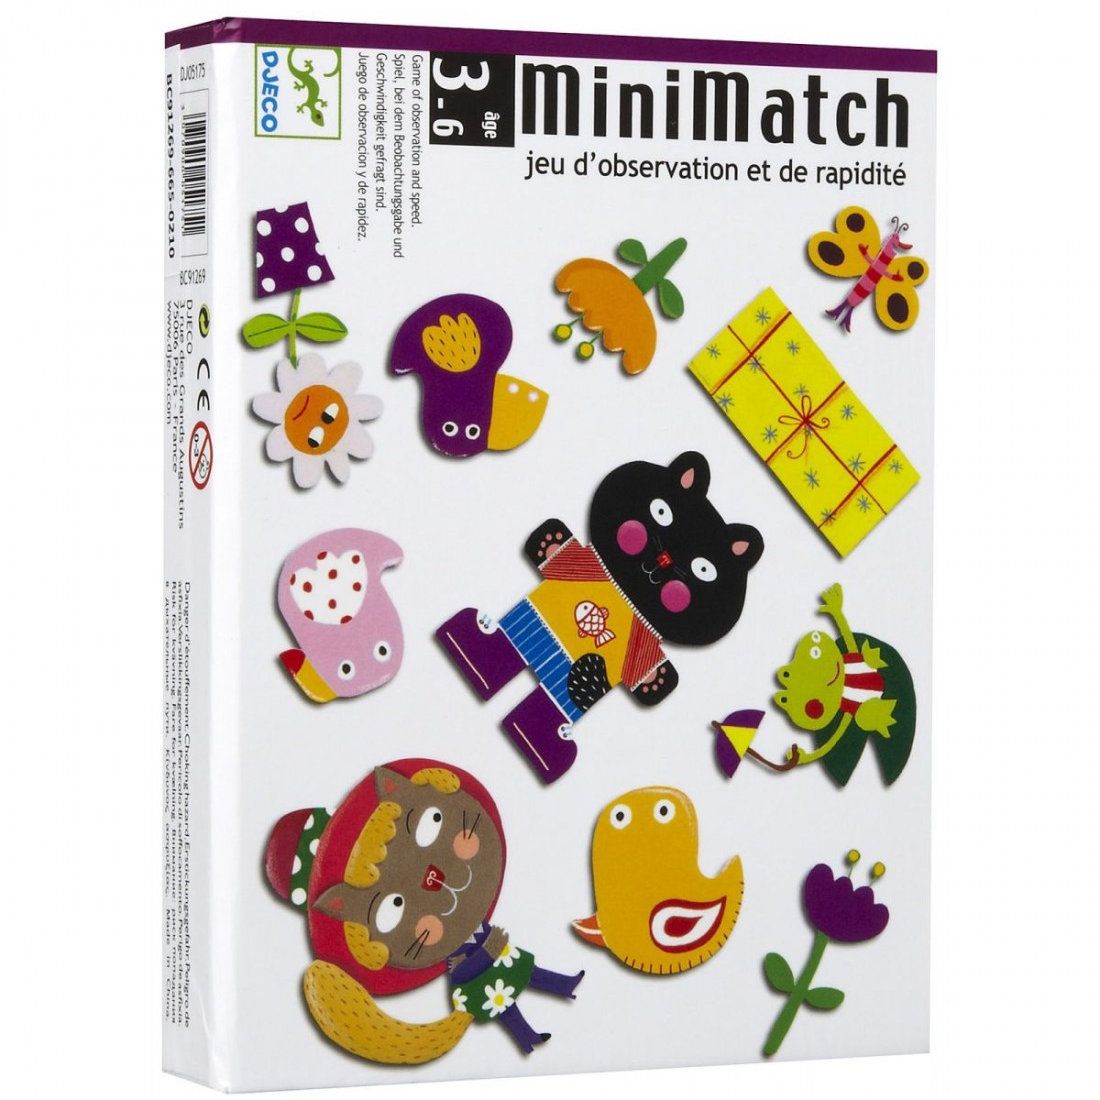 Minimacht - REF 03N08P